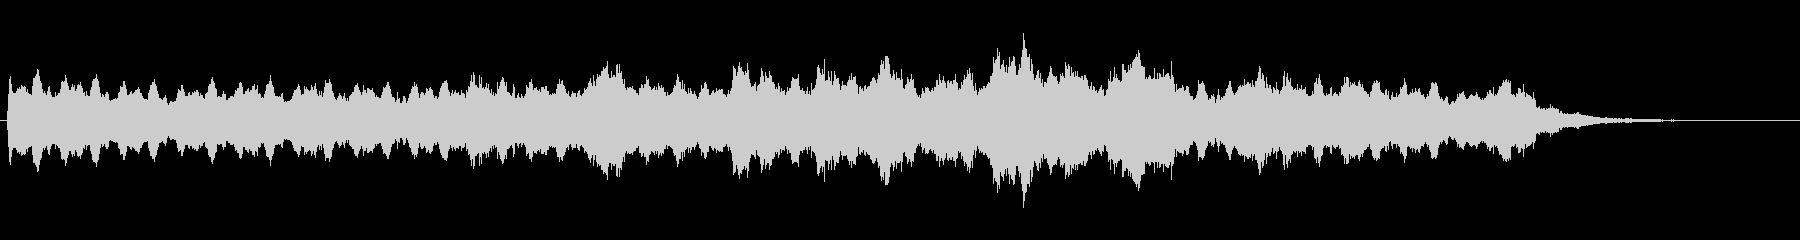 シンセを使ったホラー系BGM(1分+α)の未再生の波形